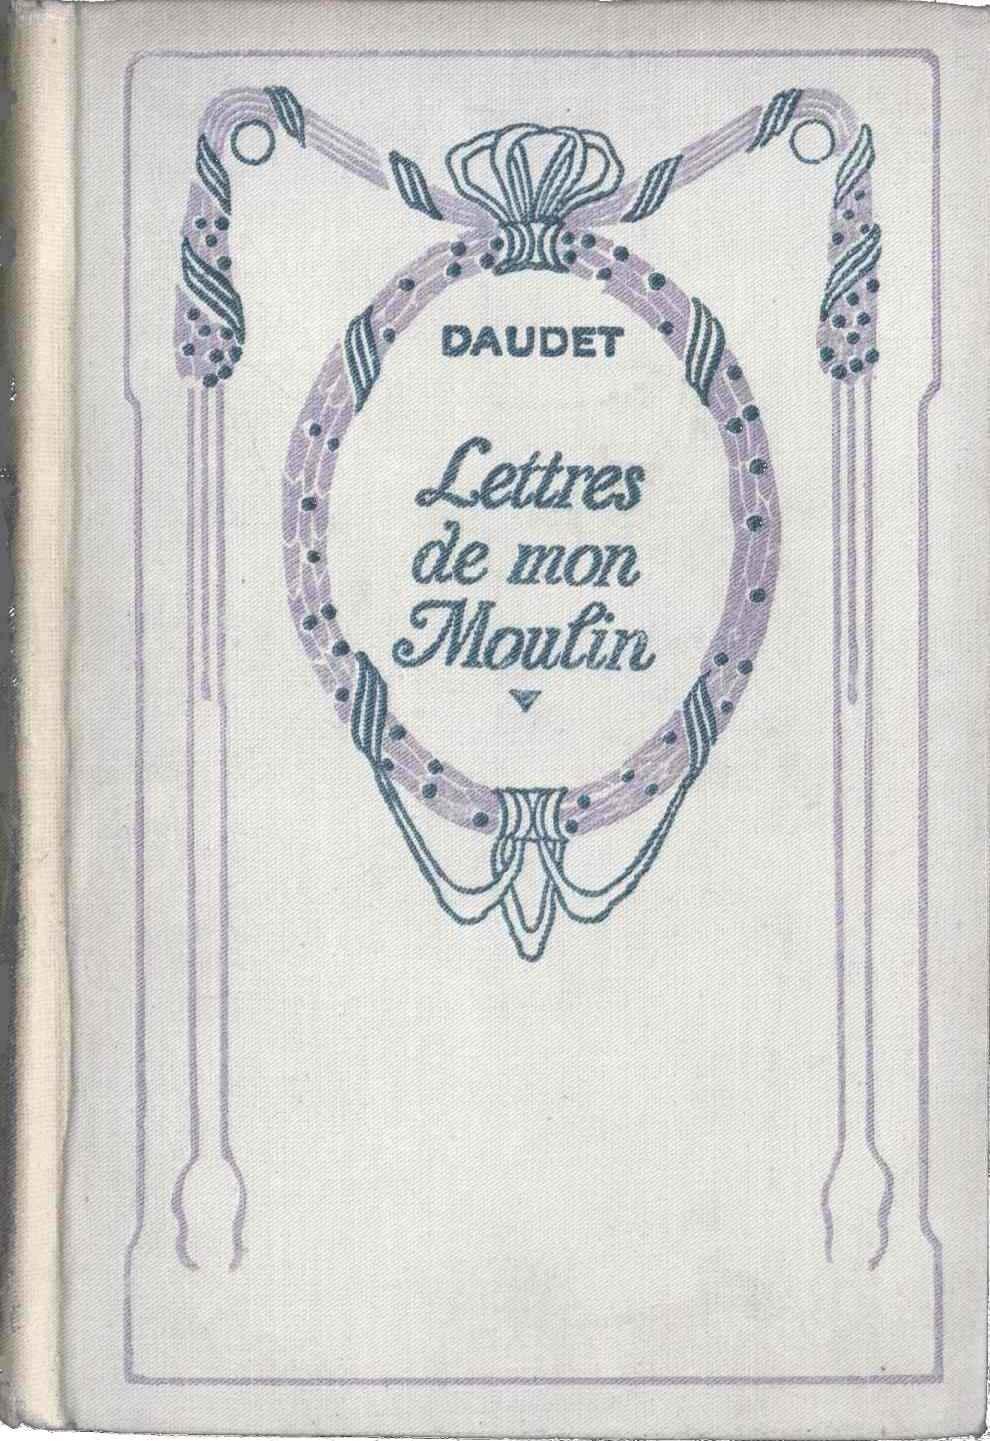 Les Lettre De Mon Moulin : lettre, moulin, Project, Gutenberg, EBook, Lettres, Moulin, Alphonse, Daudet.